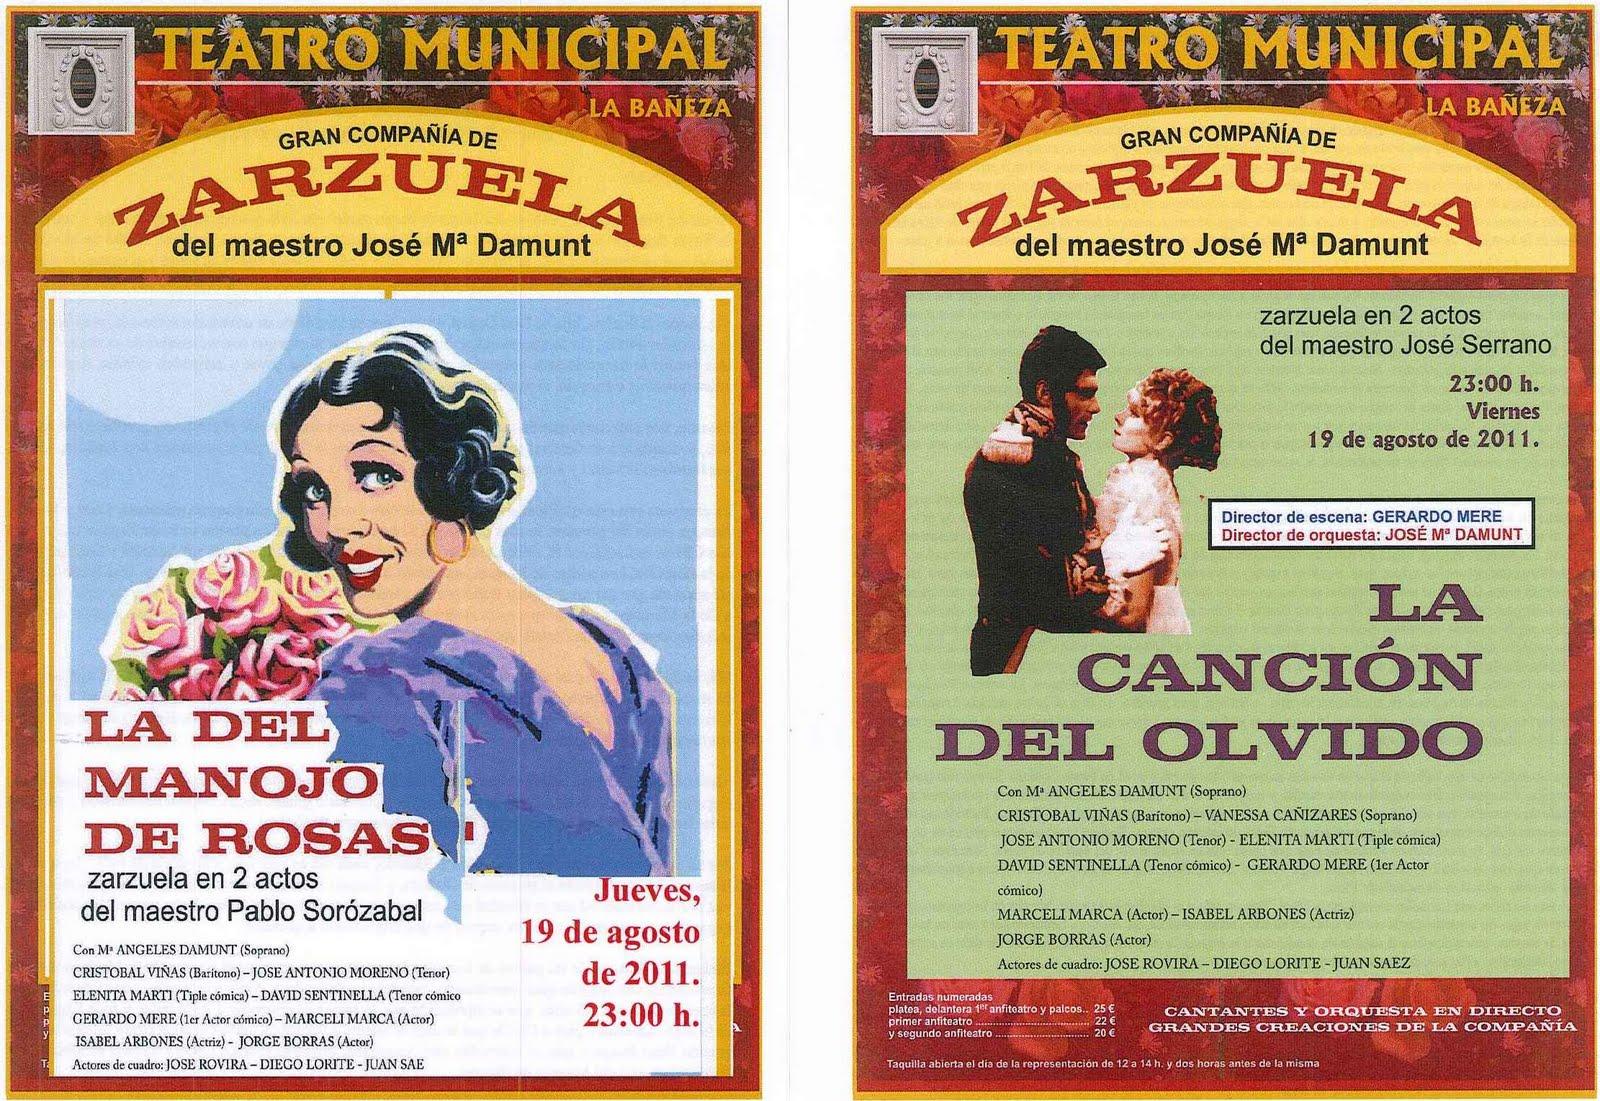 LA DEL MANOJO DE ROSAS ZARZUELA DOWNLOAD